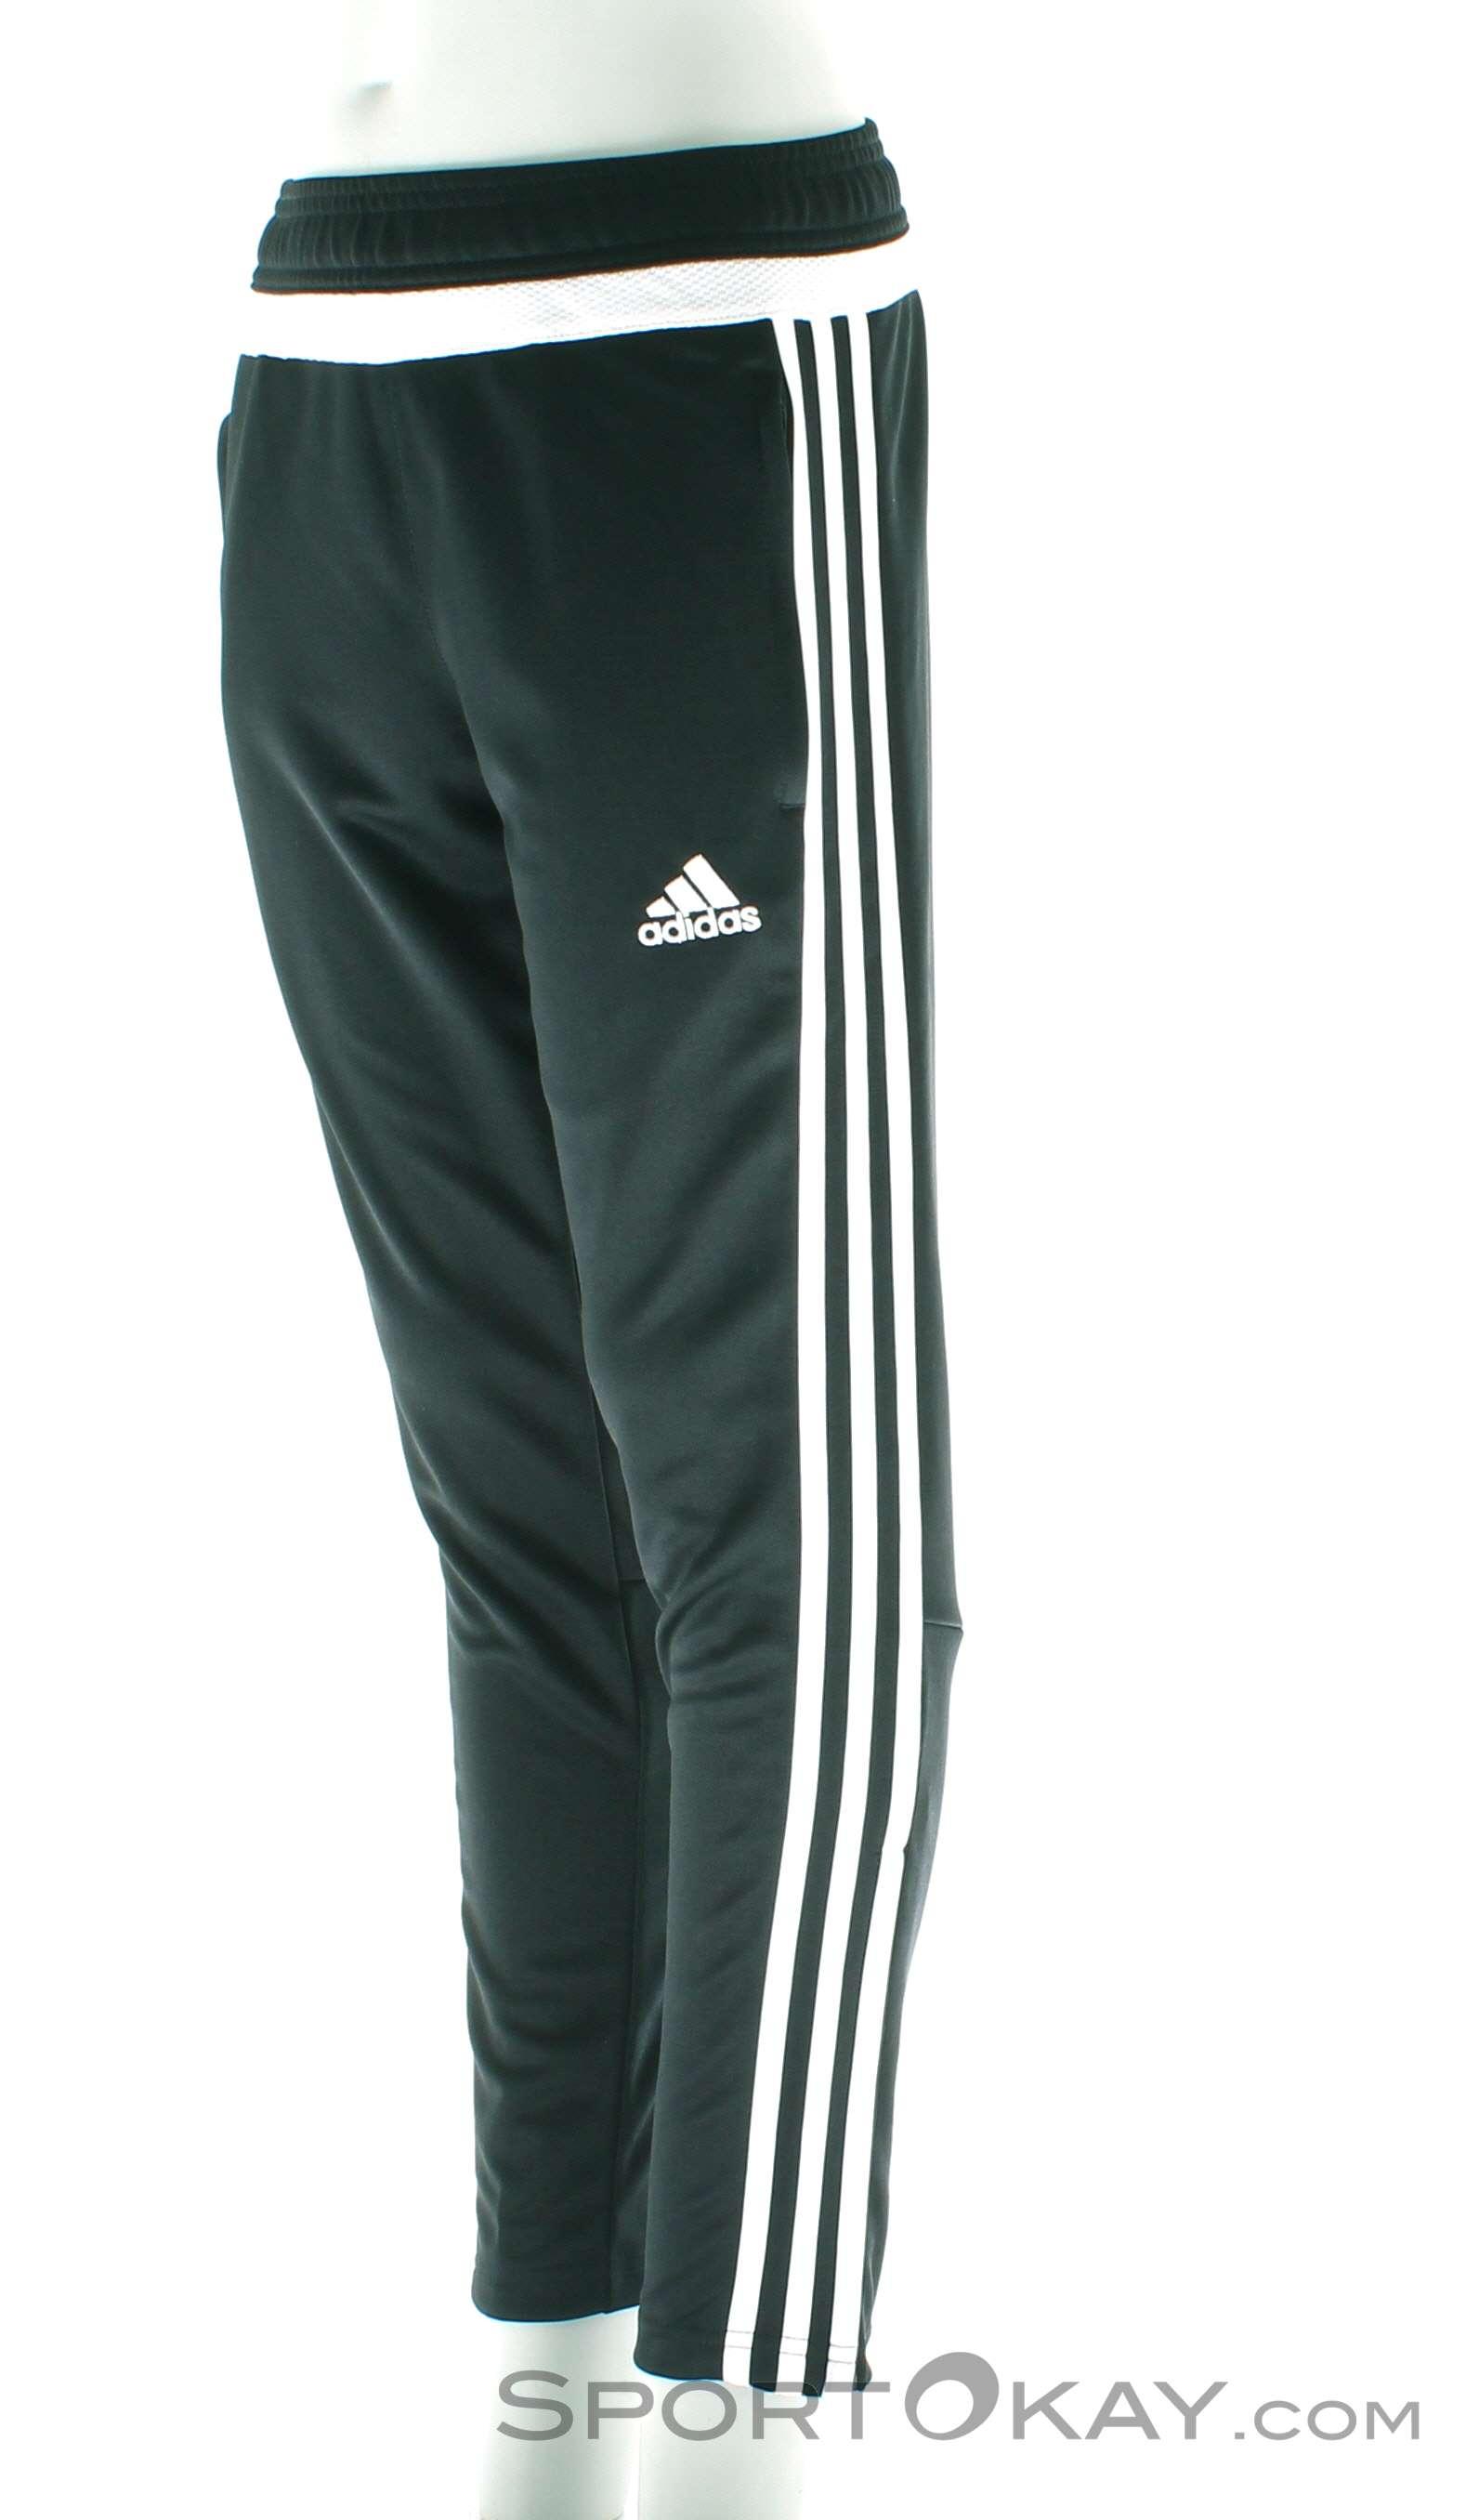 Enthusiastic Adidas Youth Tiro 17 Training Pants Men's Clothing